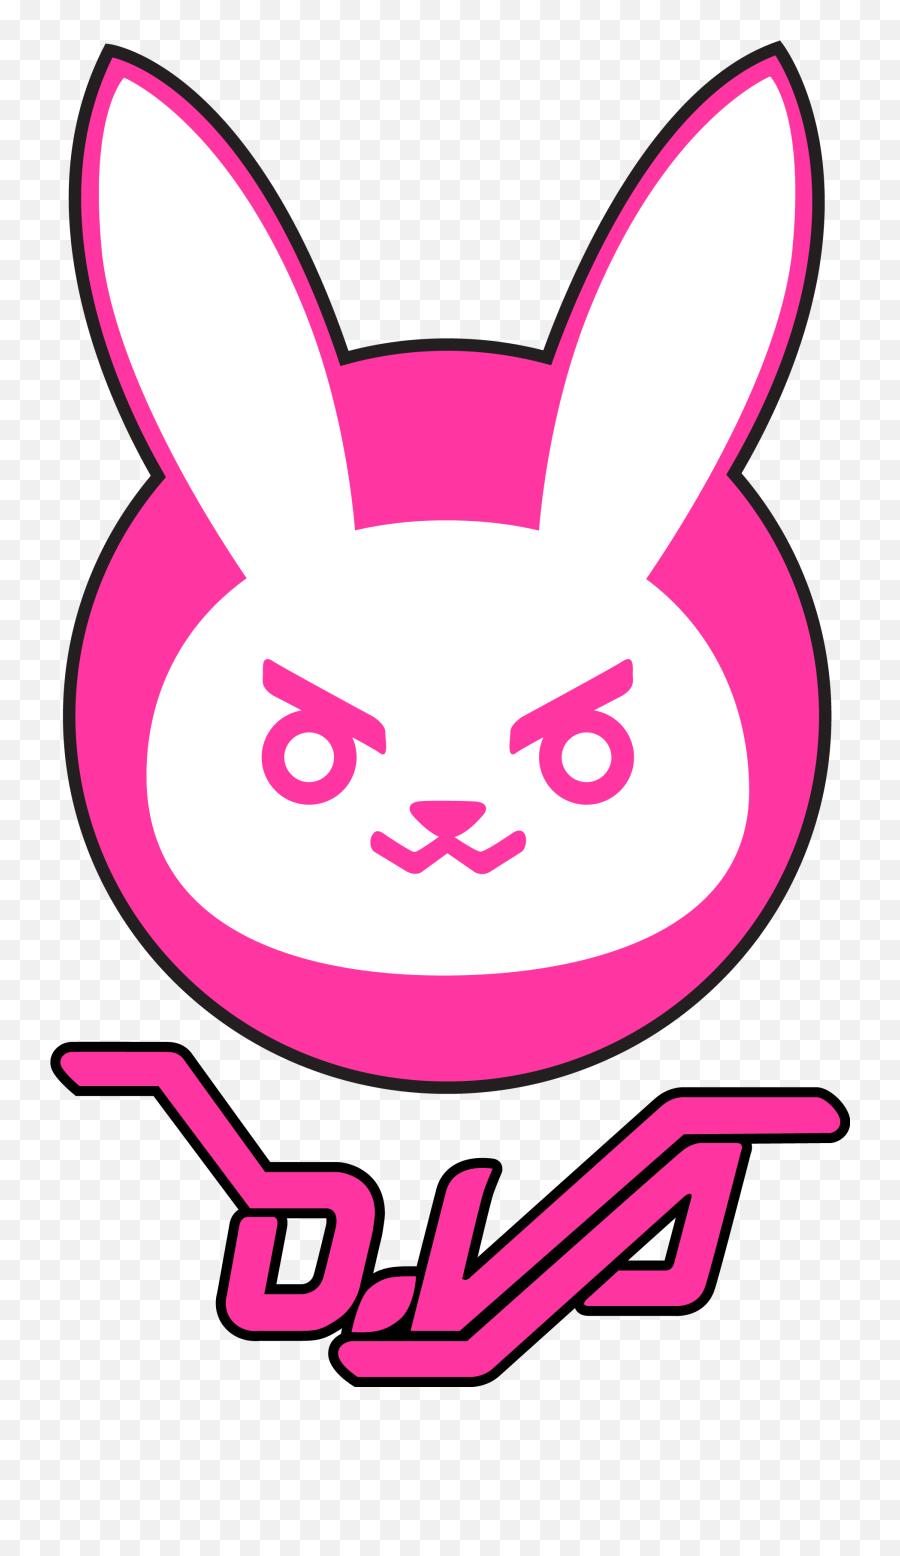 D Va Clip Art - Overwatch Dva Logo Png,Dva Png